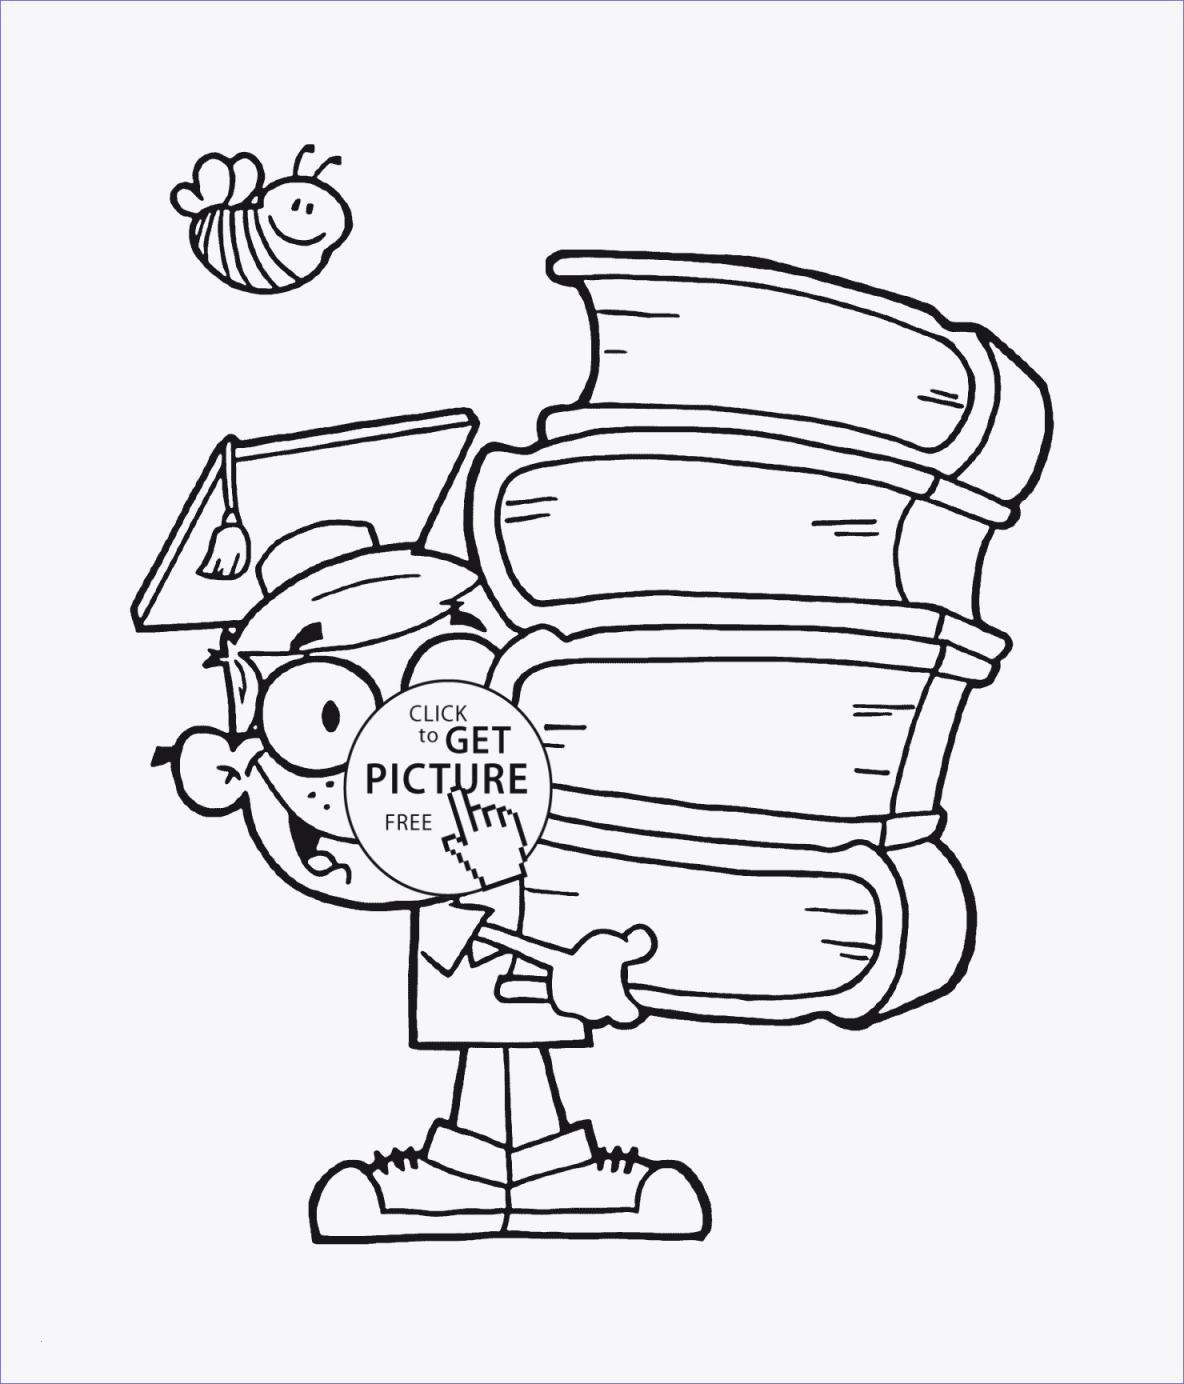 Ausmalbilder Pflanzen Gegen Zombies Neu Malvorlagen Igel Frisch Igel Grundschule 0d Archives Uploadertalk Sammlung